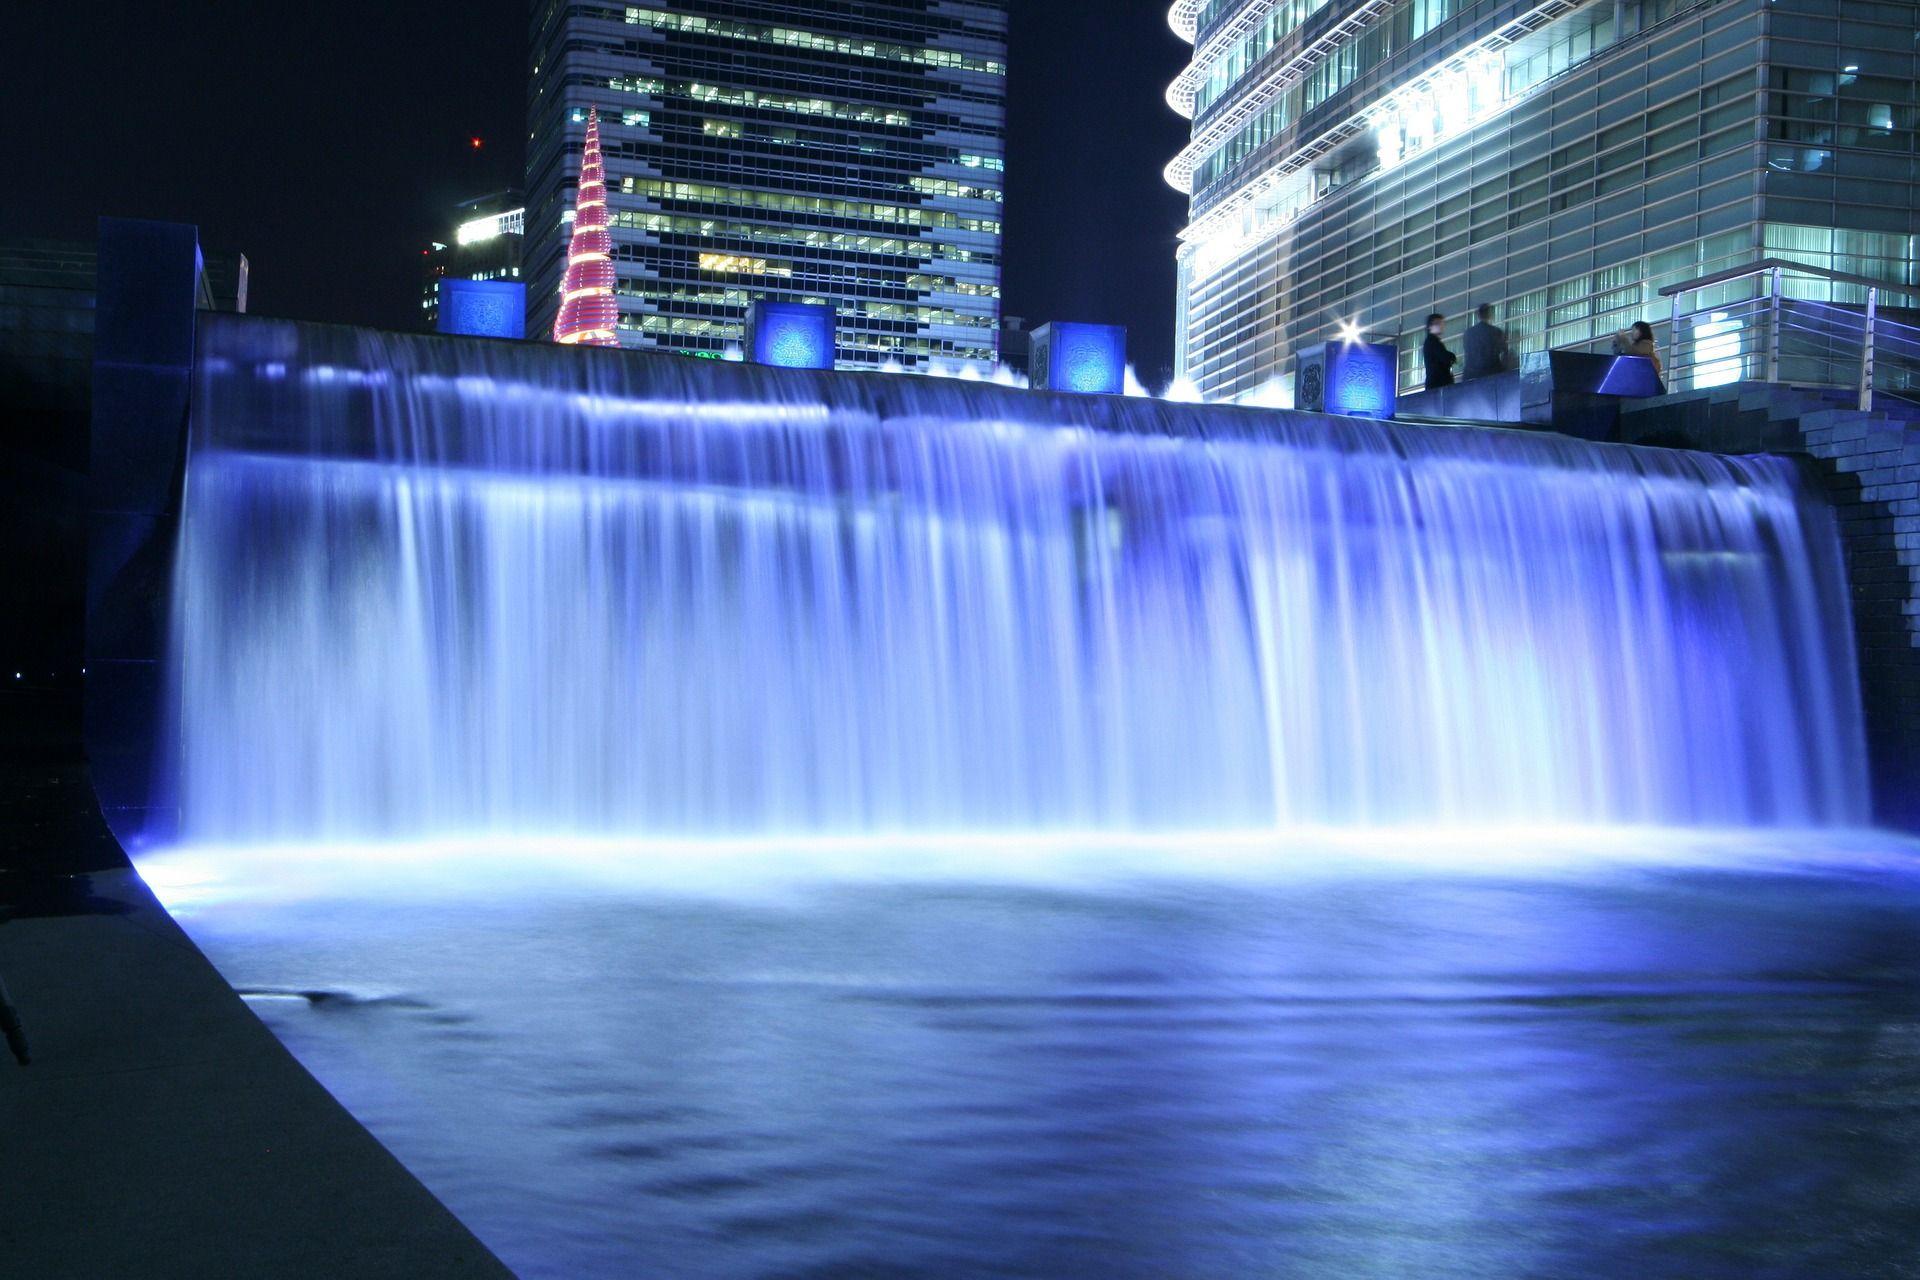 保證一晚明洞+WIFI【繽紛三大主題】愛寶樂園、樂天世界、冰雪樂園、首爾路7017、海鮮聚寶盆、亂打秀5日